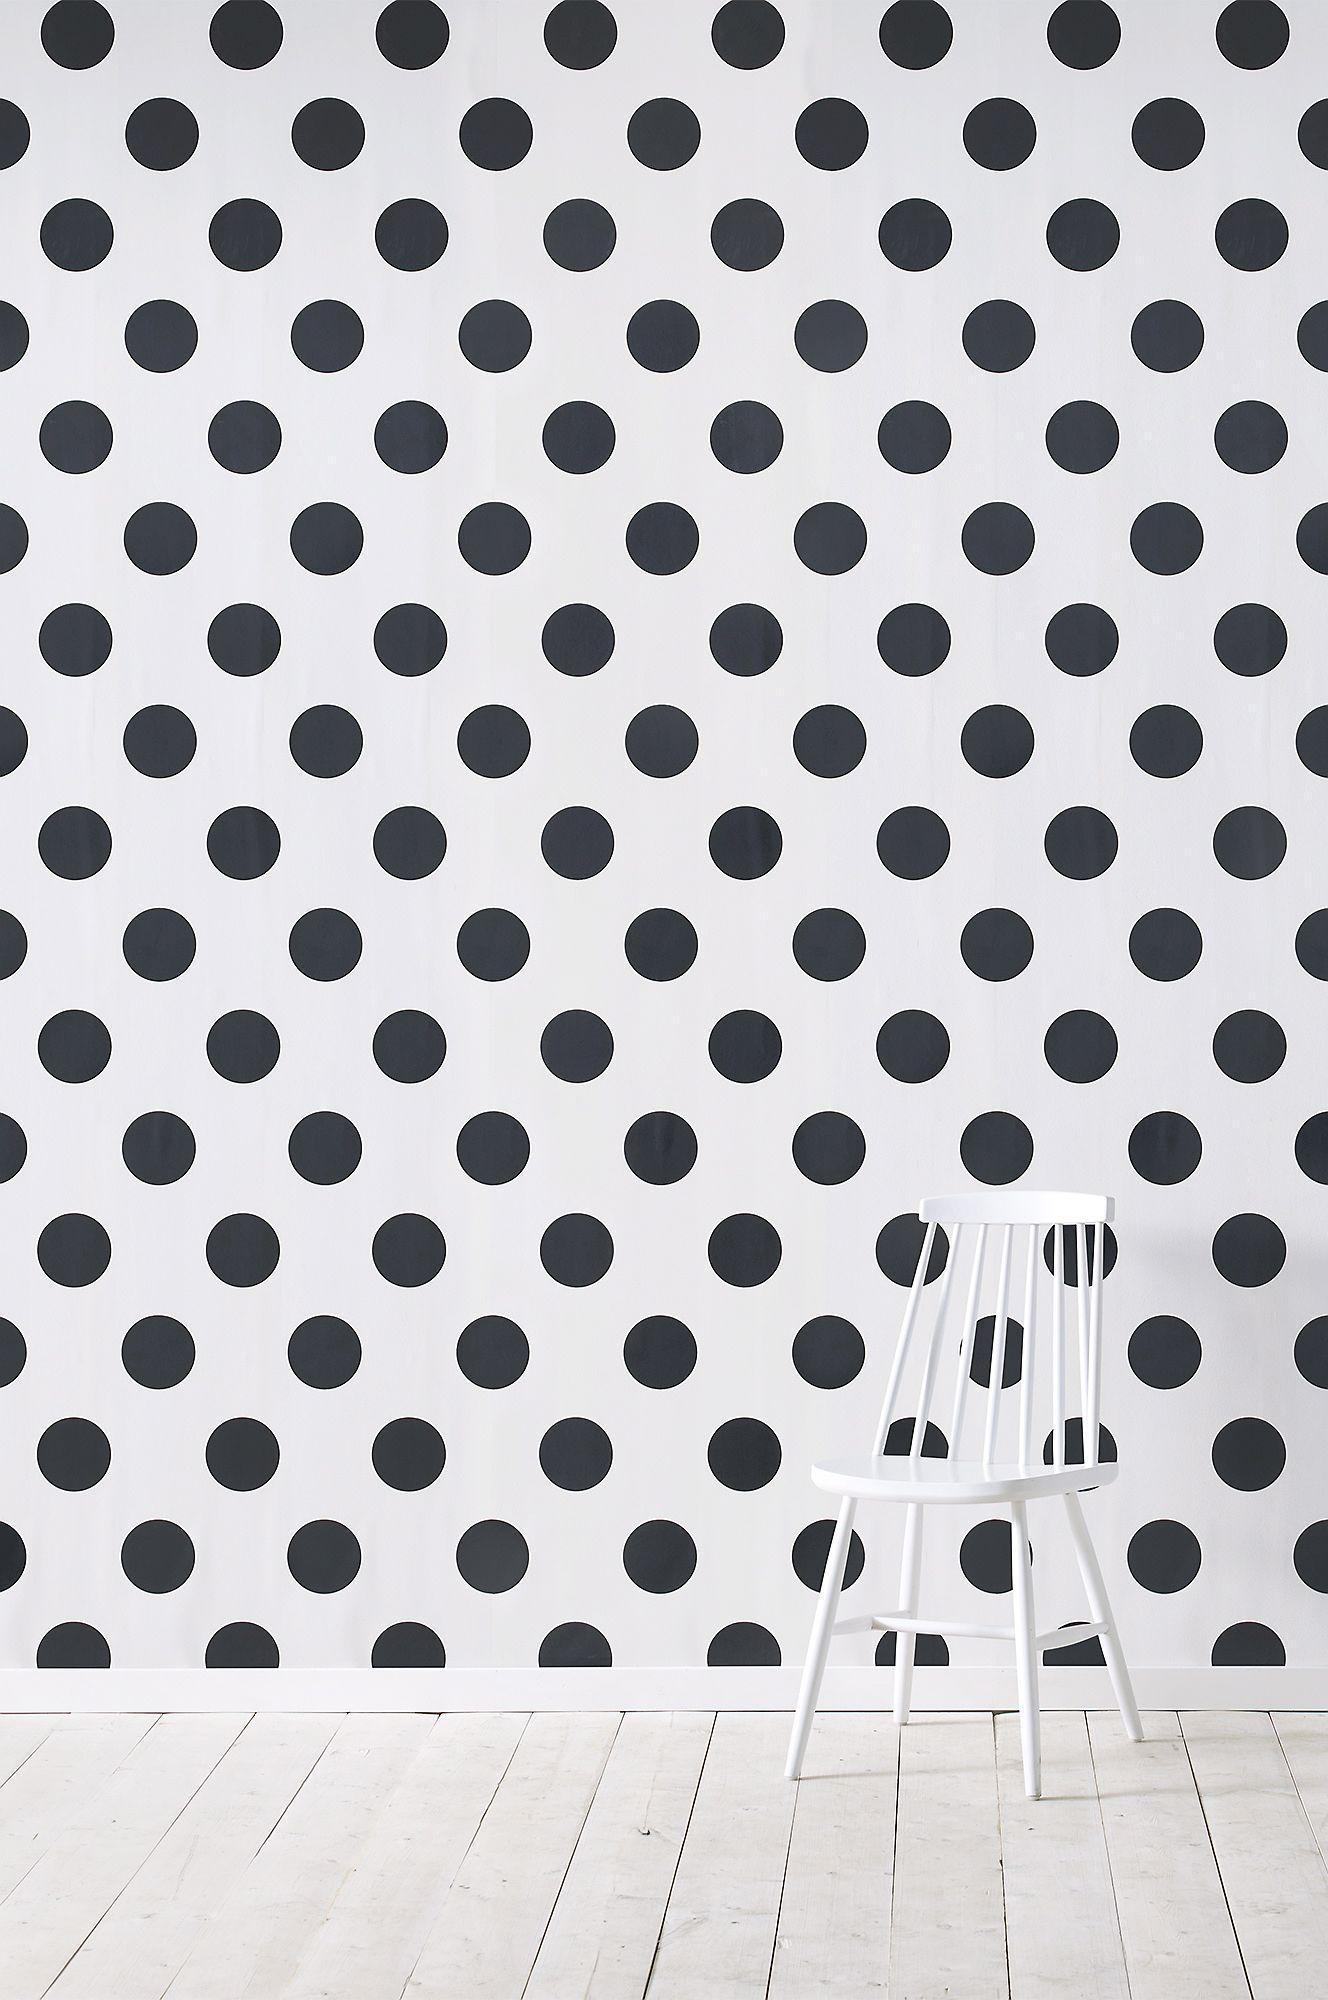 Black and white polka dots. Polka dots wallpaper, Polka